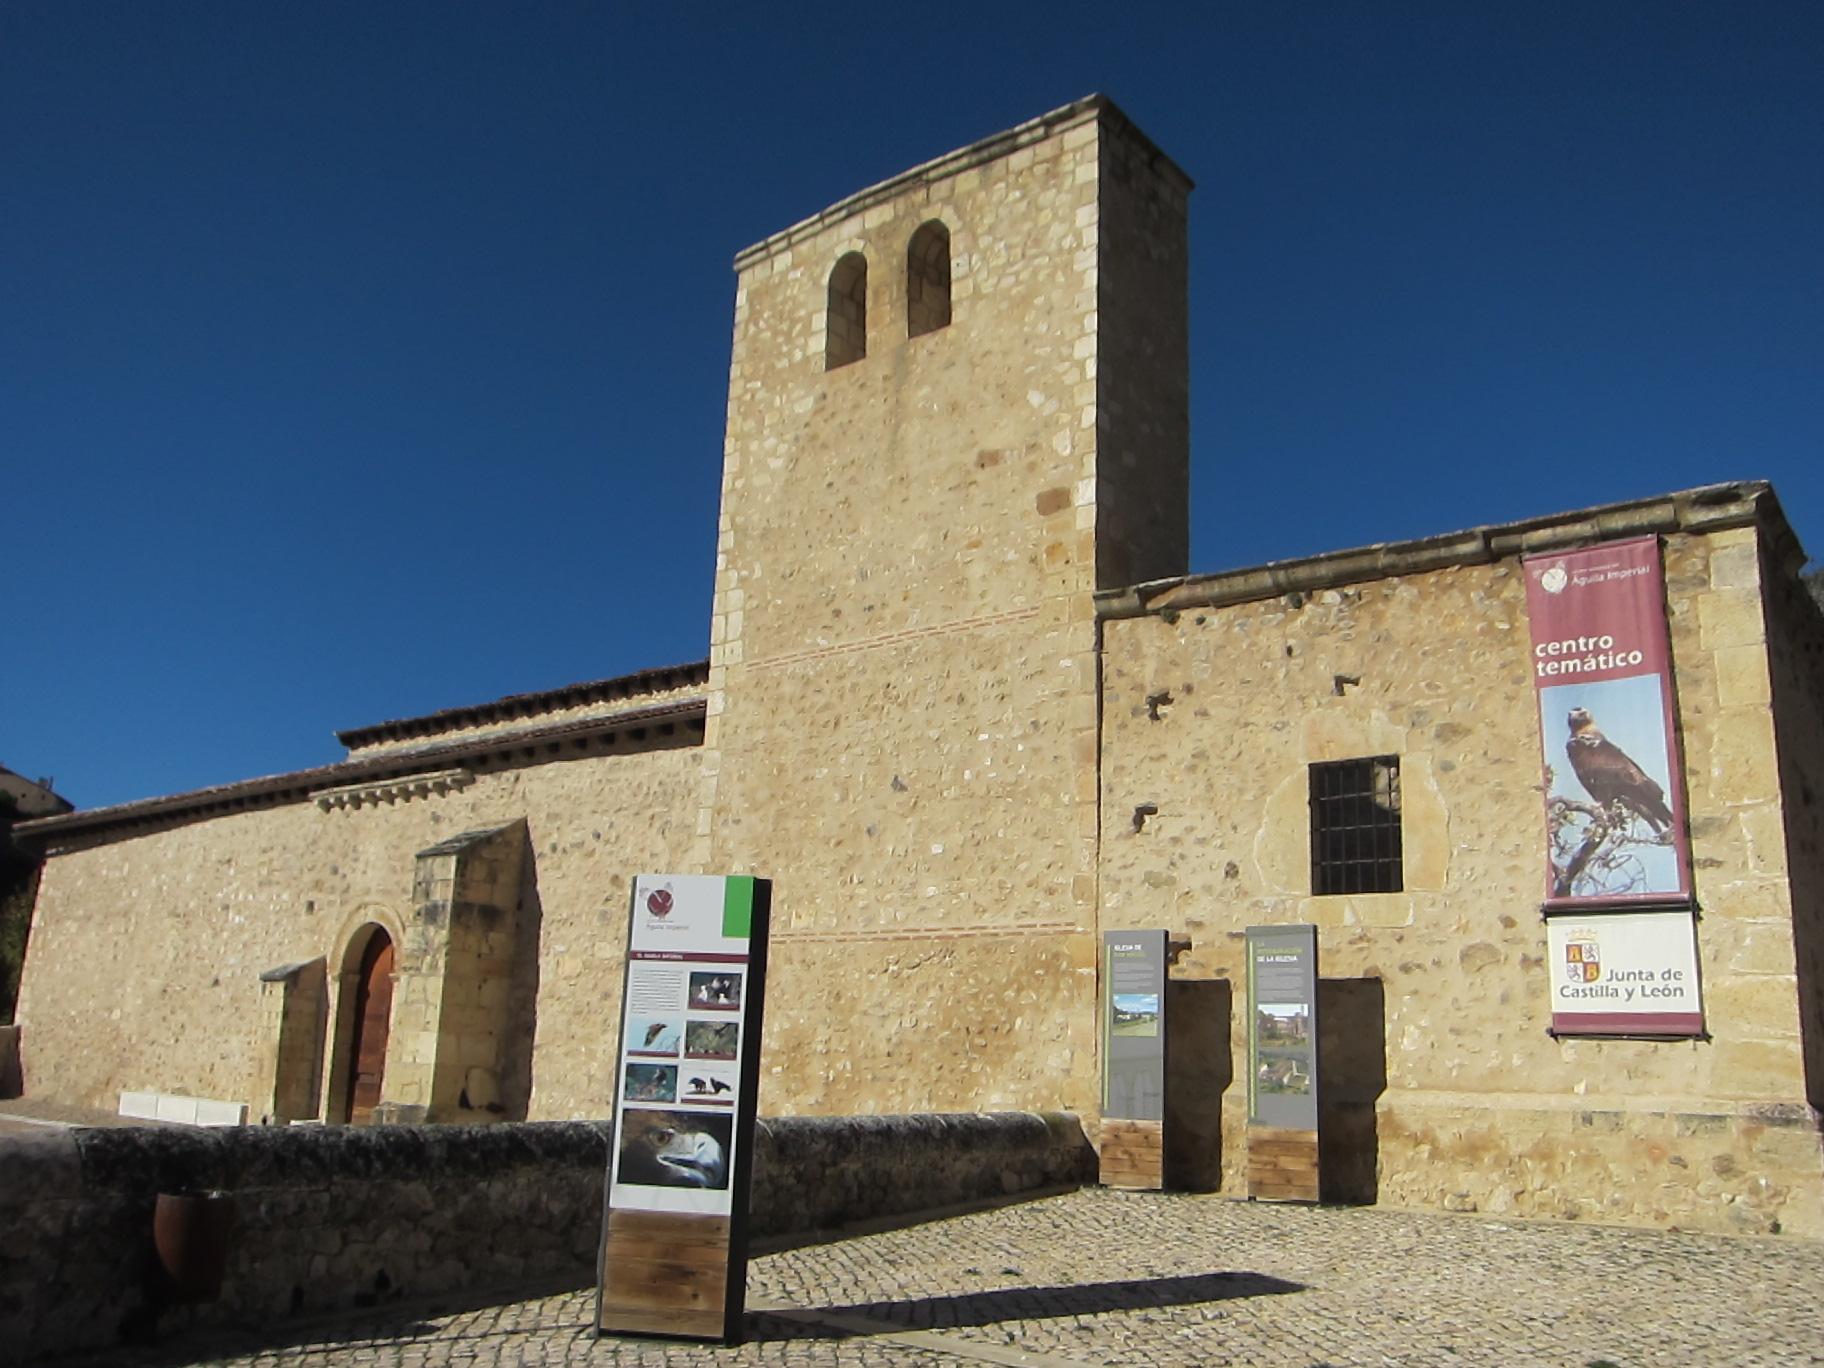 Maisons des parcs impériaux de Duratón, Riaza et Águila